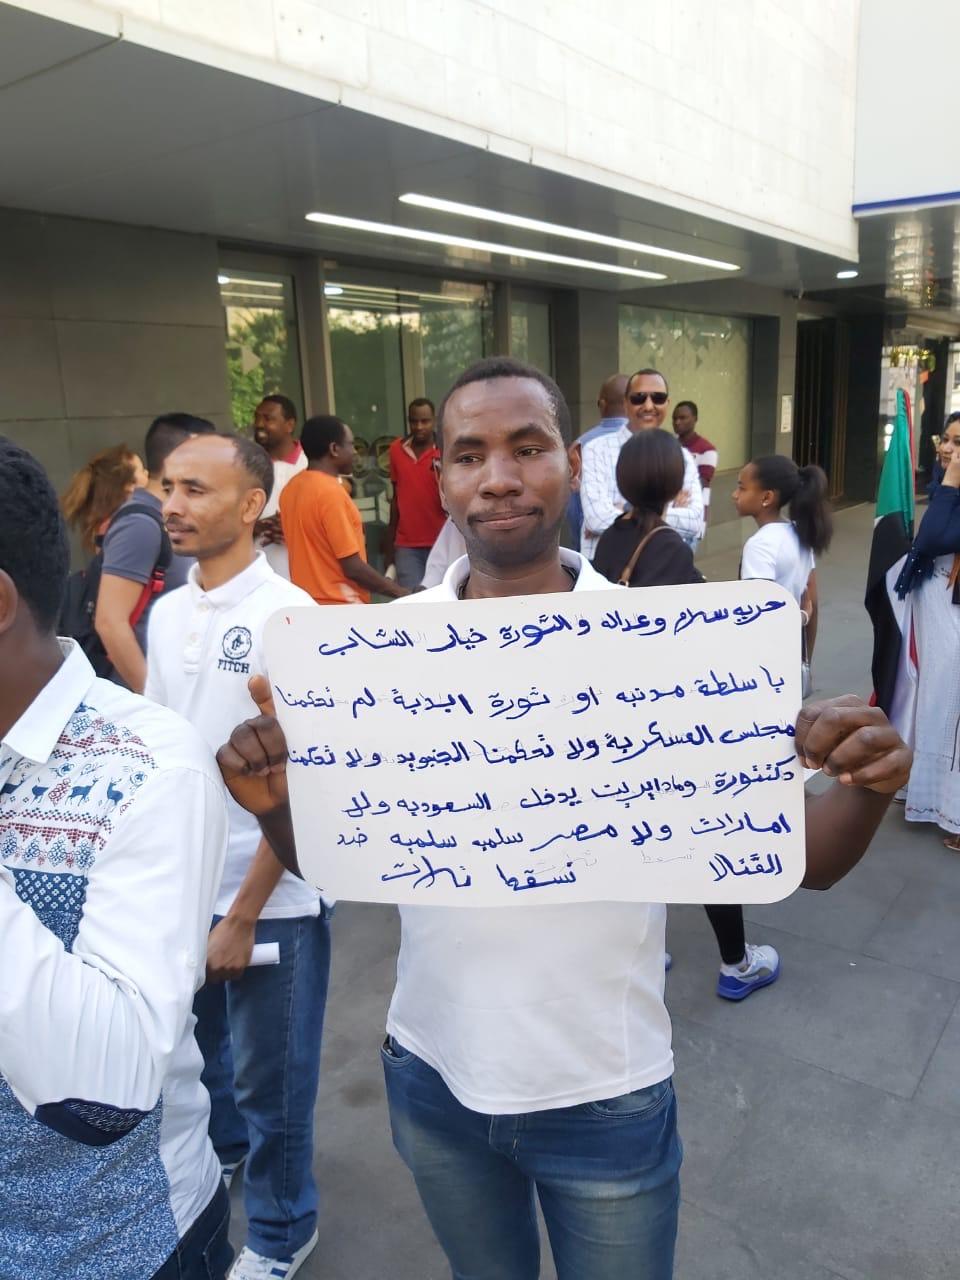 محاولة إثيوبيا للوساطة وتعليق عضوية السودان يعرقلان الدور المصري في عملية الانتقال بـ «الخرطوم»   مدى مصر